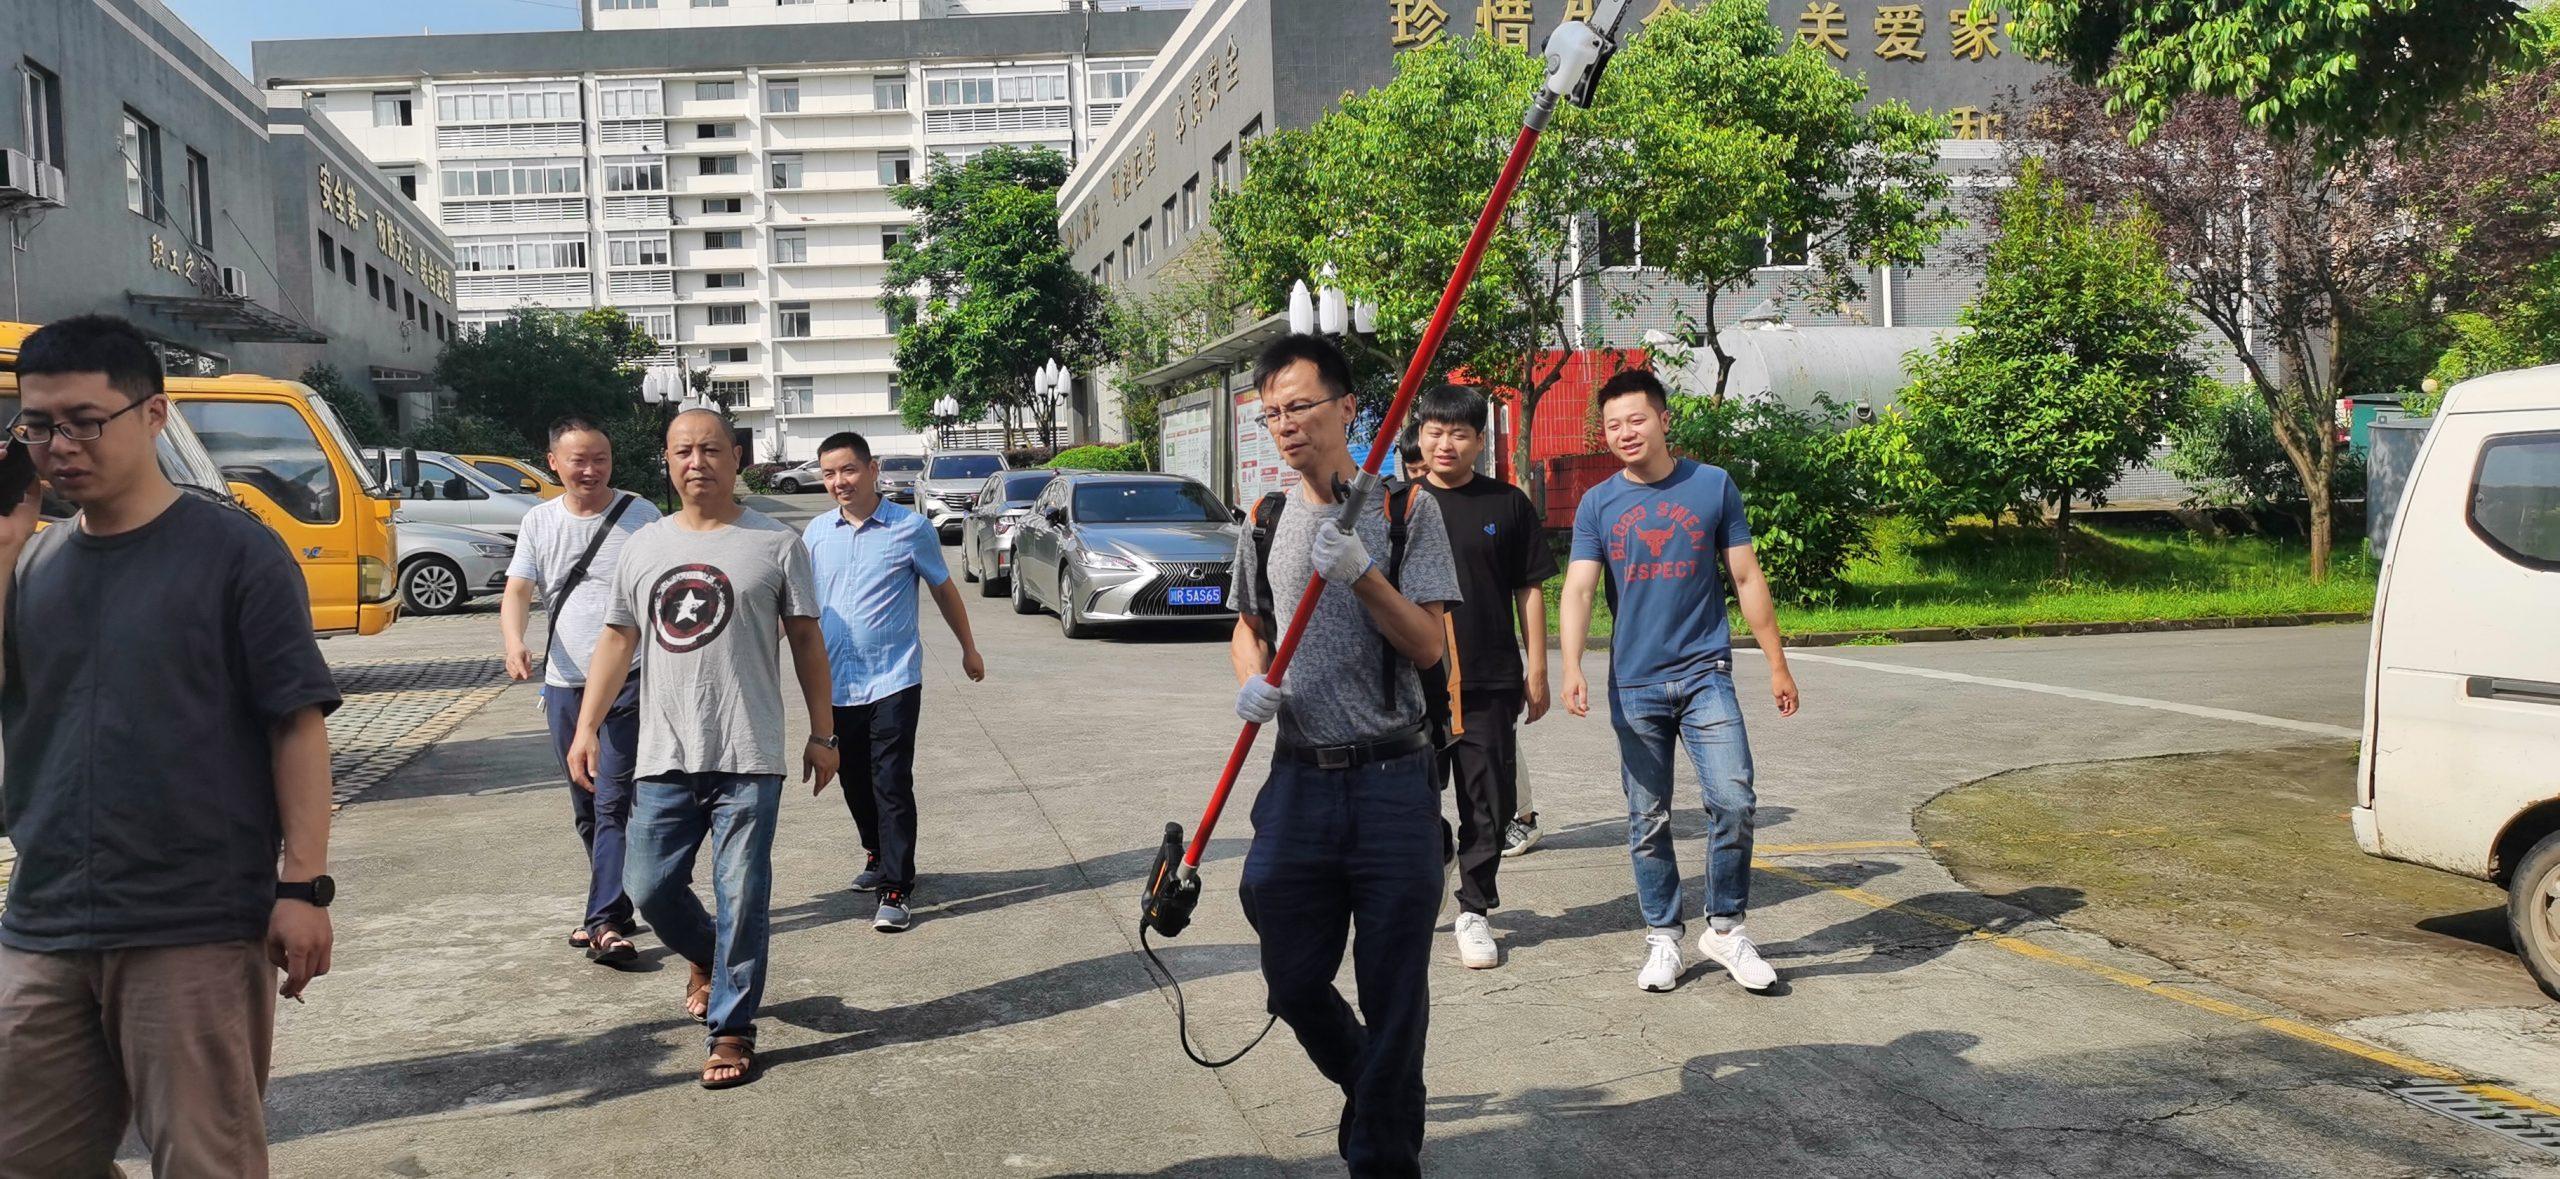 四川巡展——武汉巨精机电产品巡展活动火热进行中!